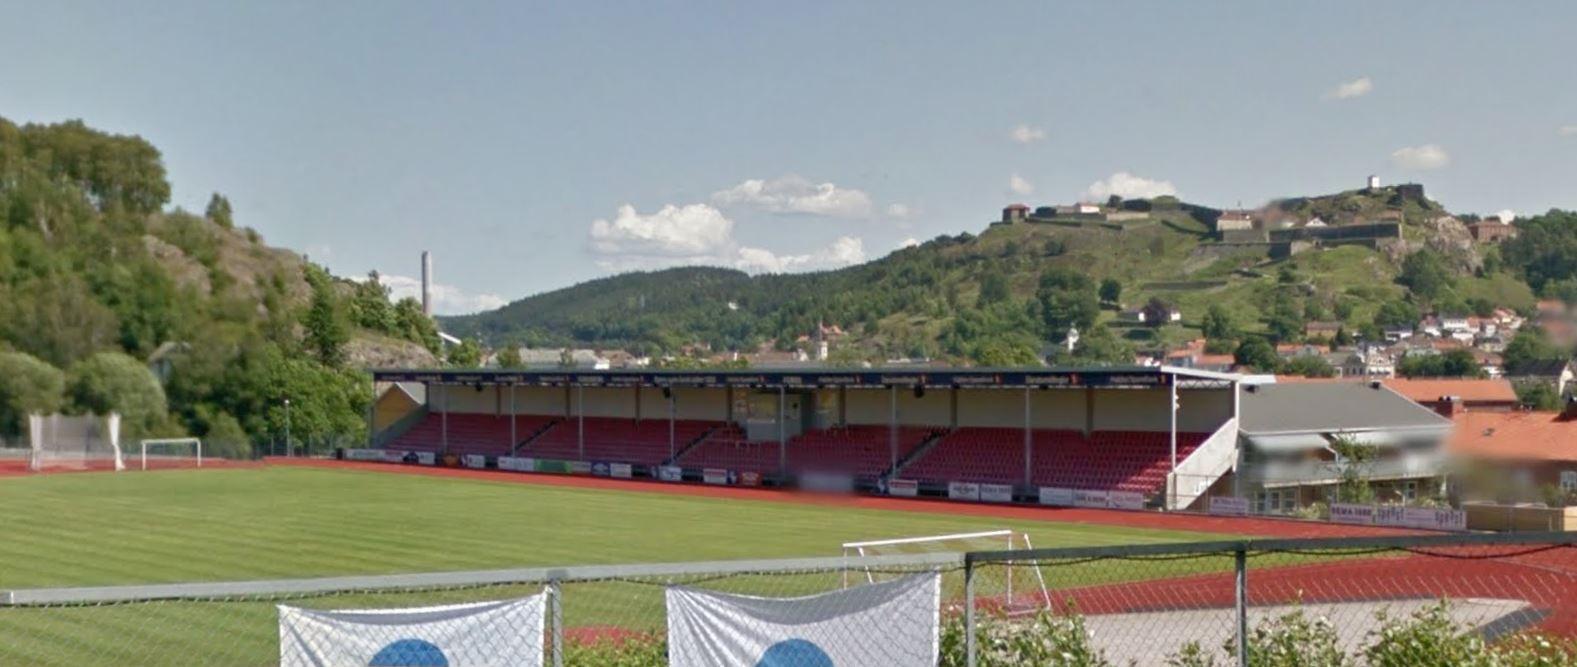 Halden Stadion med Fredriksten festning i bakgrunnen Fra Google Street View